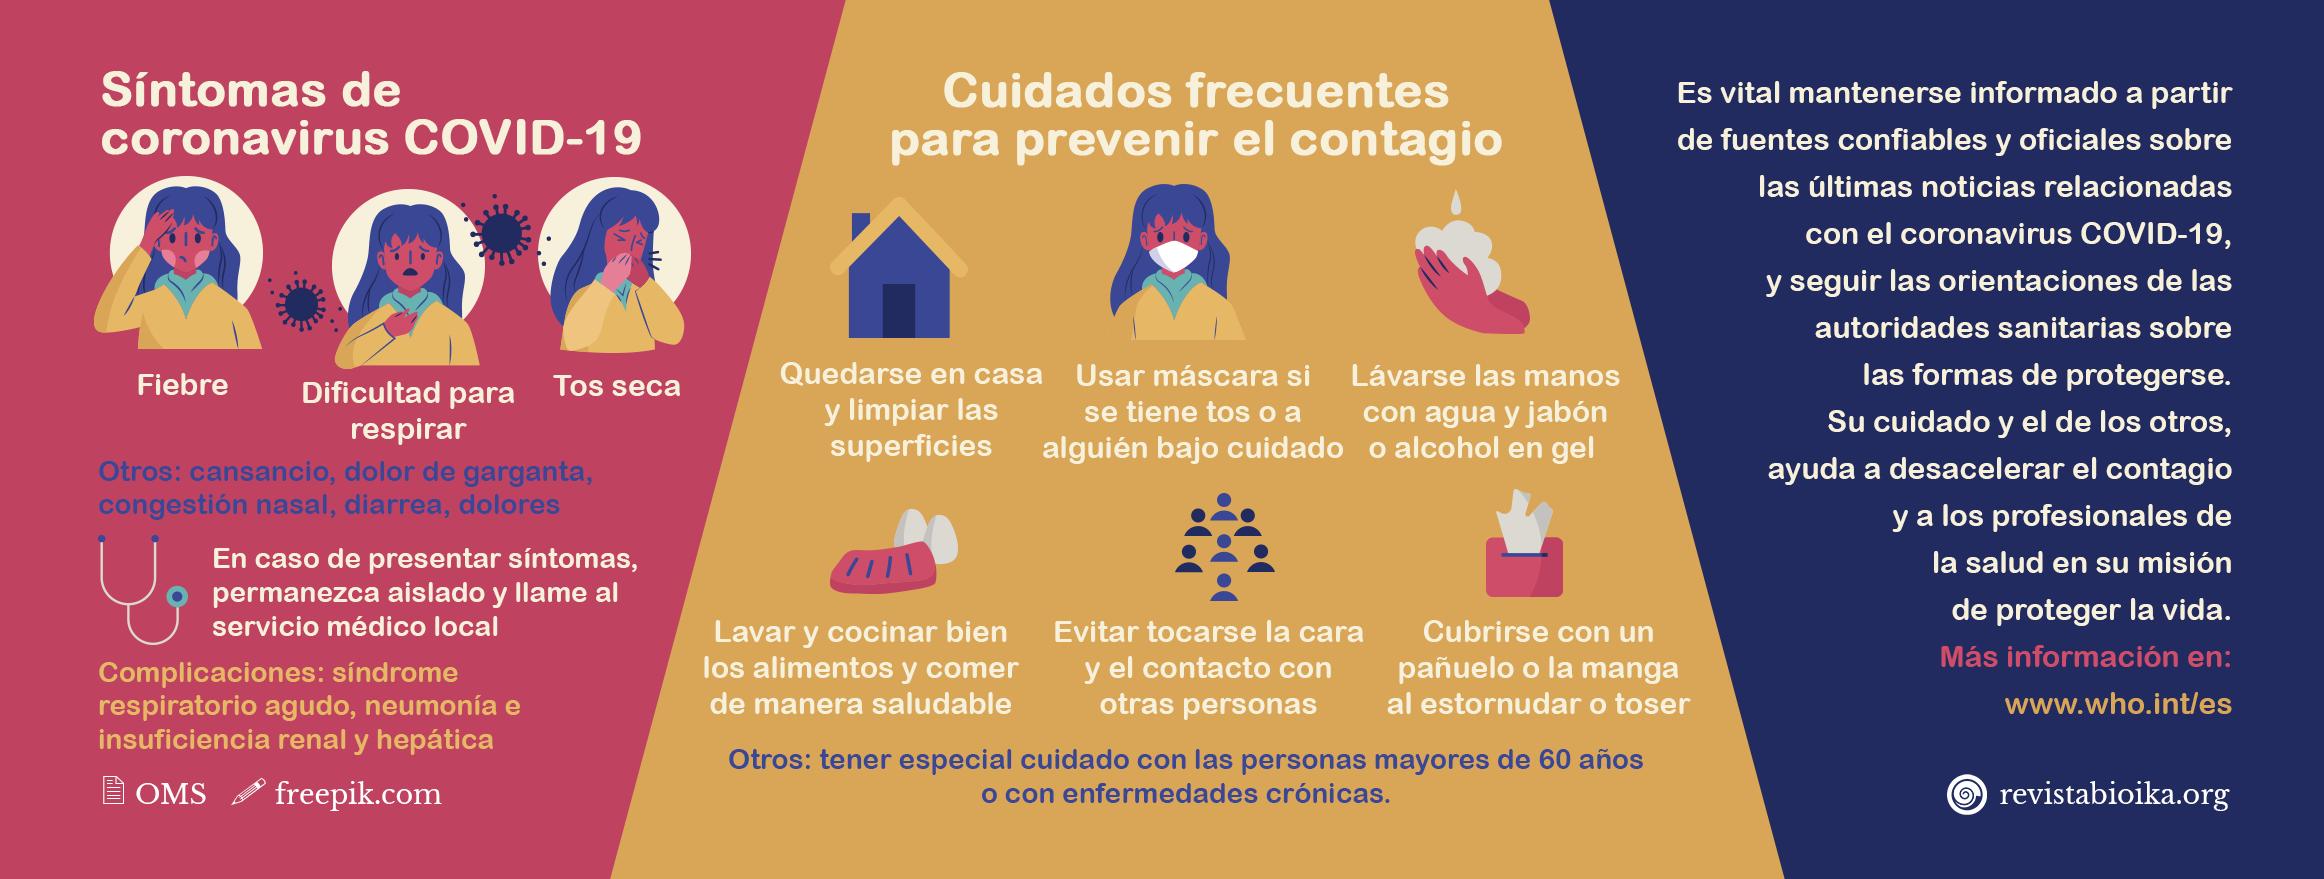 Banner sobre síntomas y cuidados del coronavirus (español)